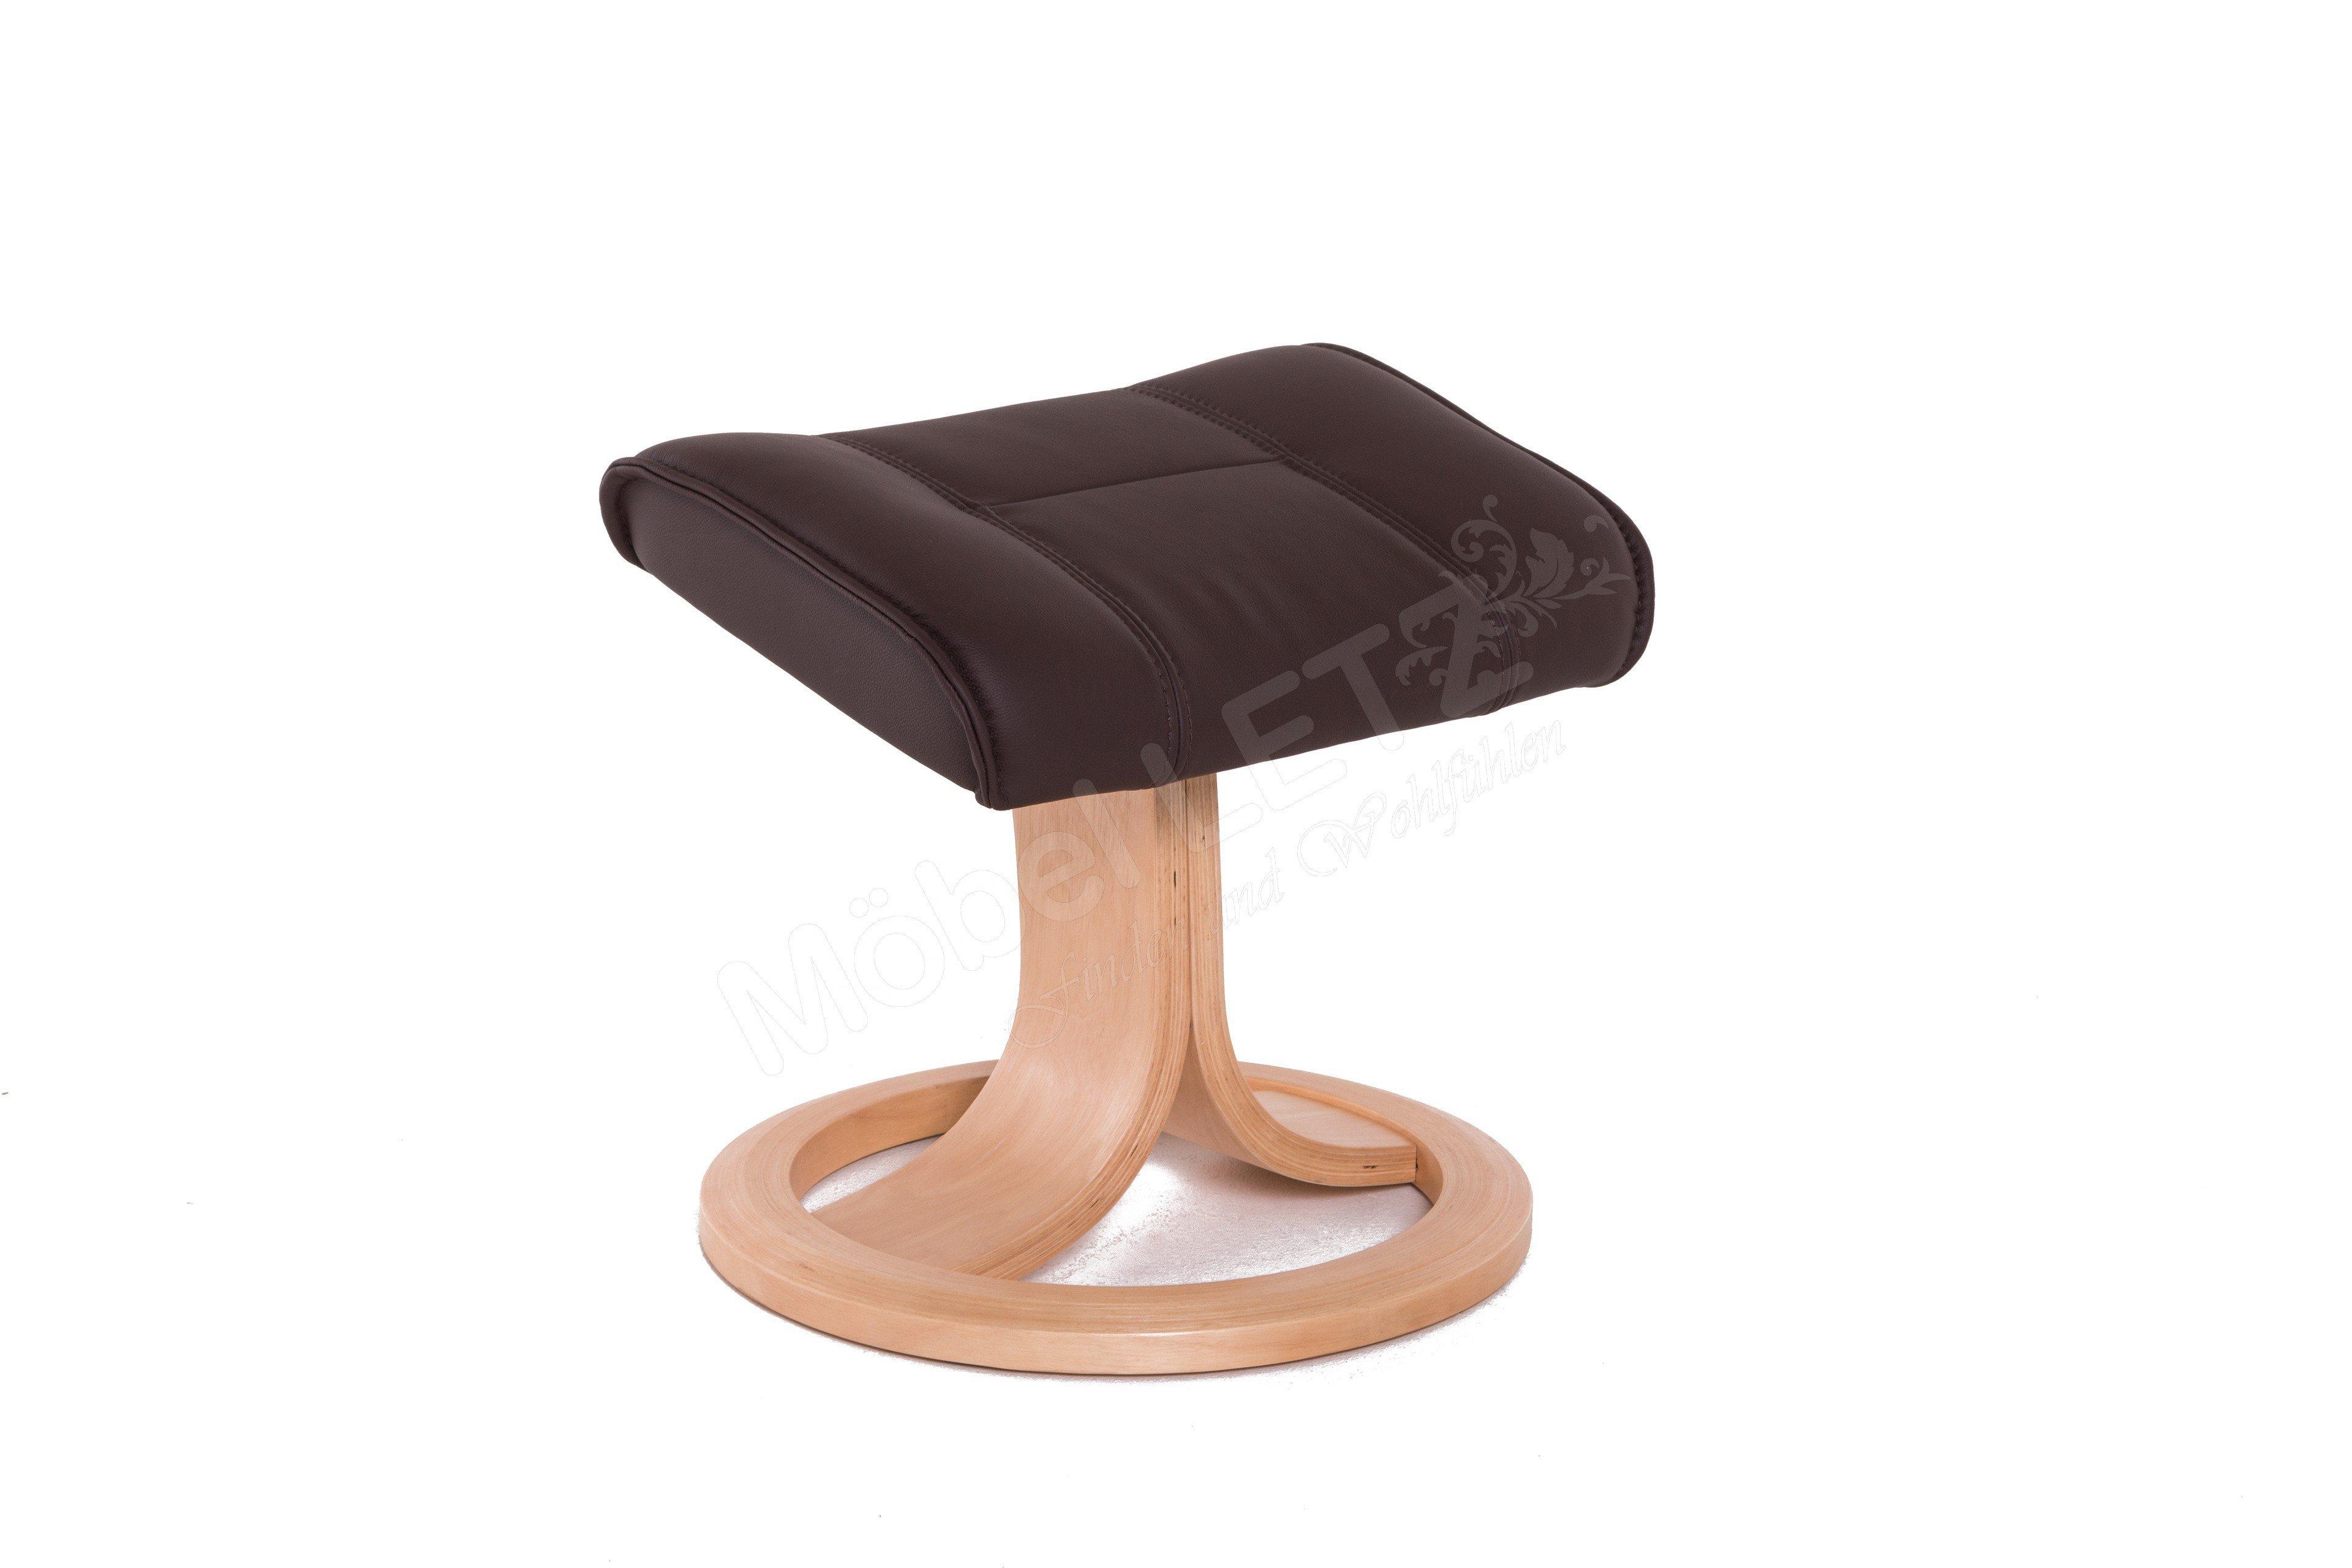 IMG Comfort Viking Relaxsessel braun | Möbel Letz - Ihr Online-Shop